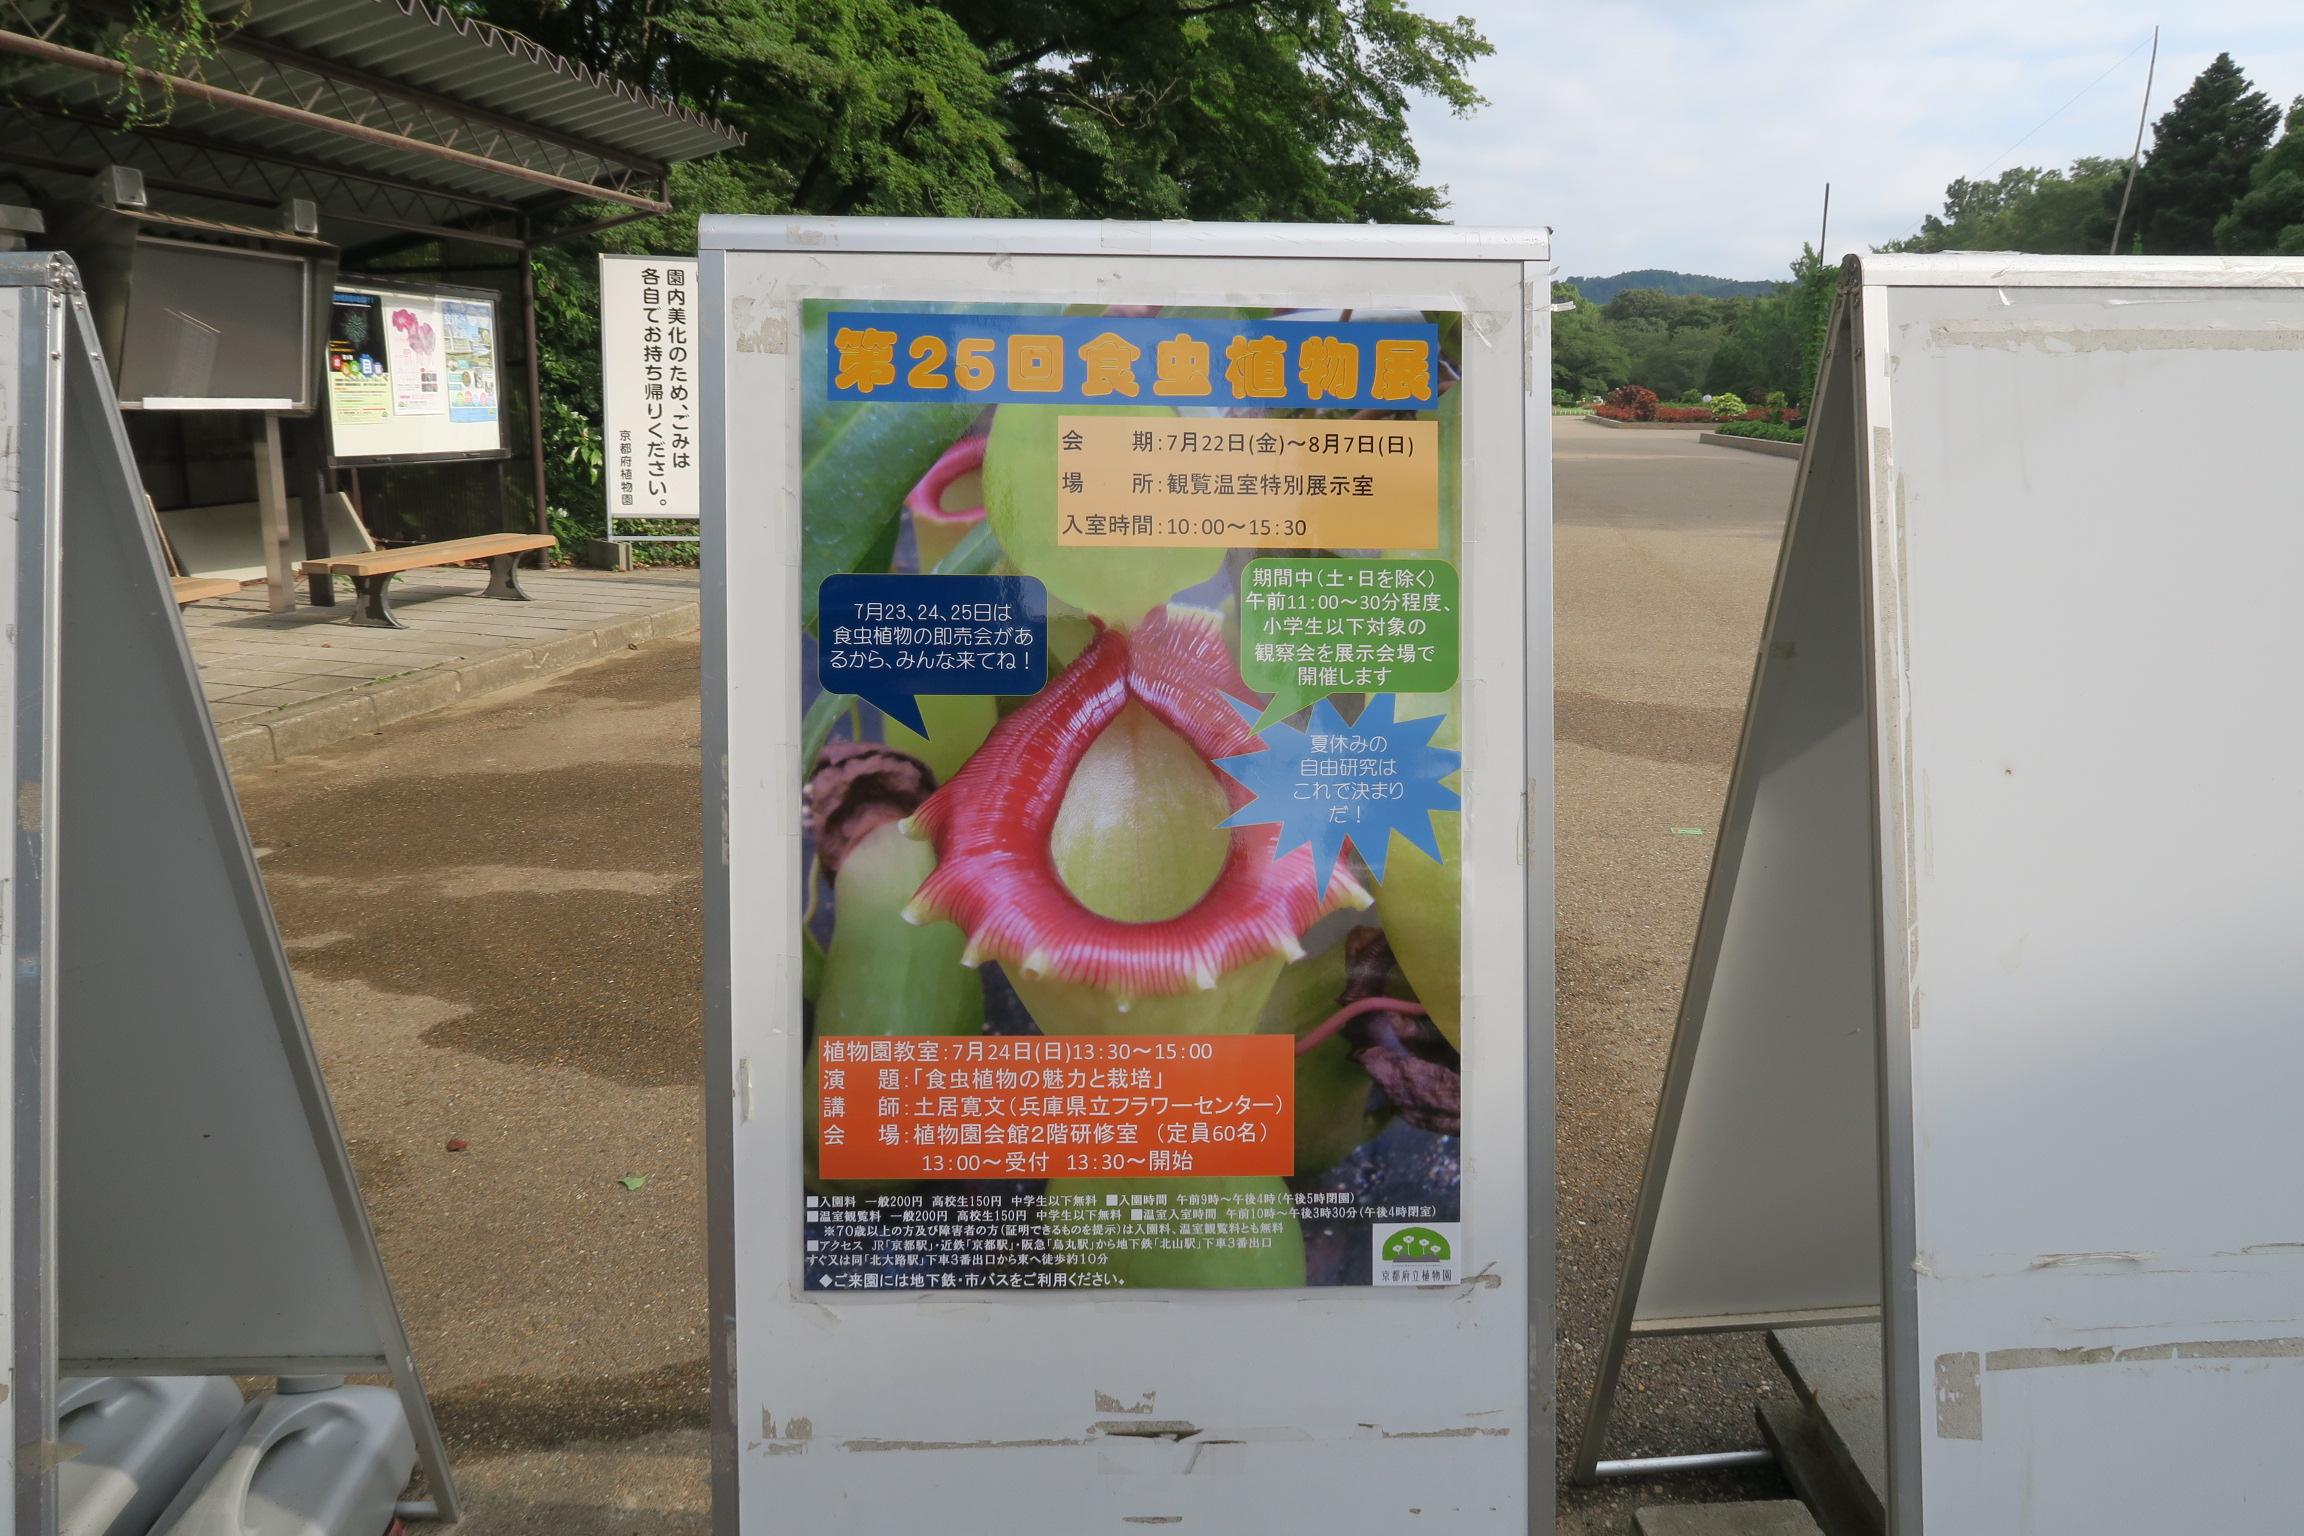 8/7まで食虫植物展。午前11時~30分程度、小学生以下対象の観察会が開催されています!